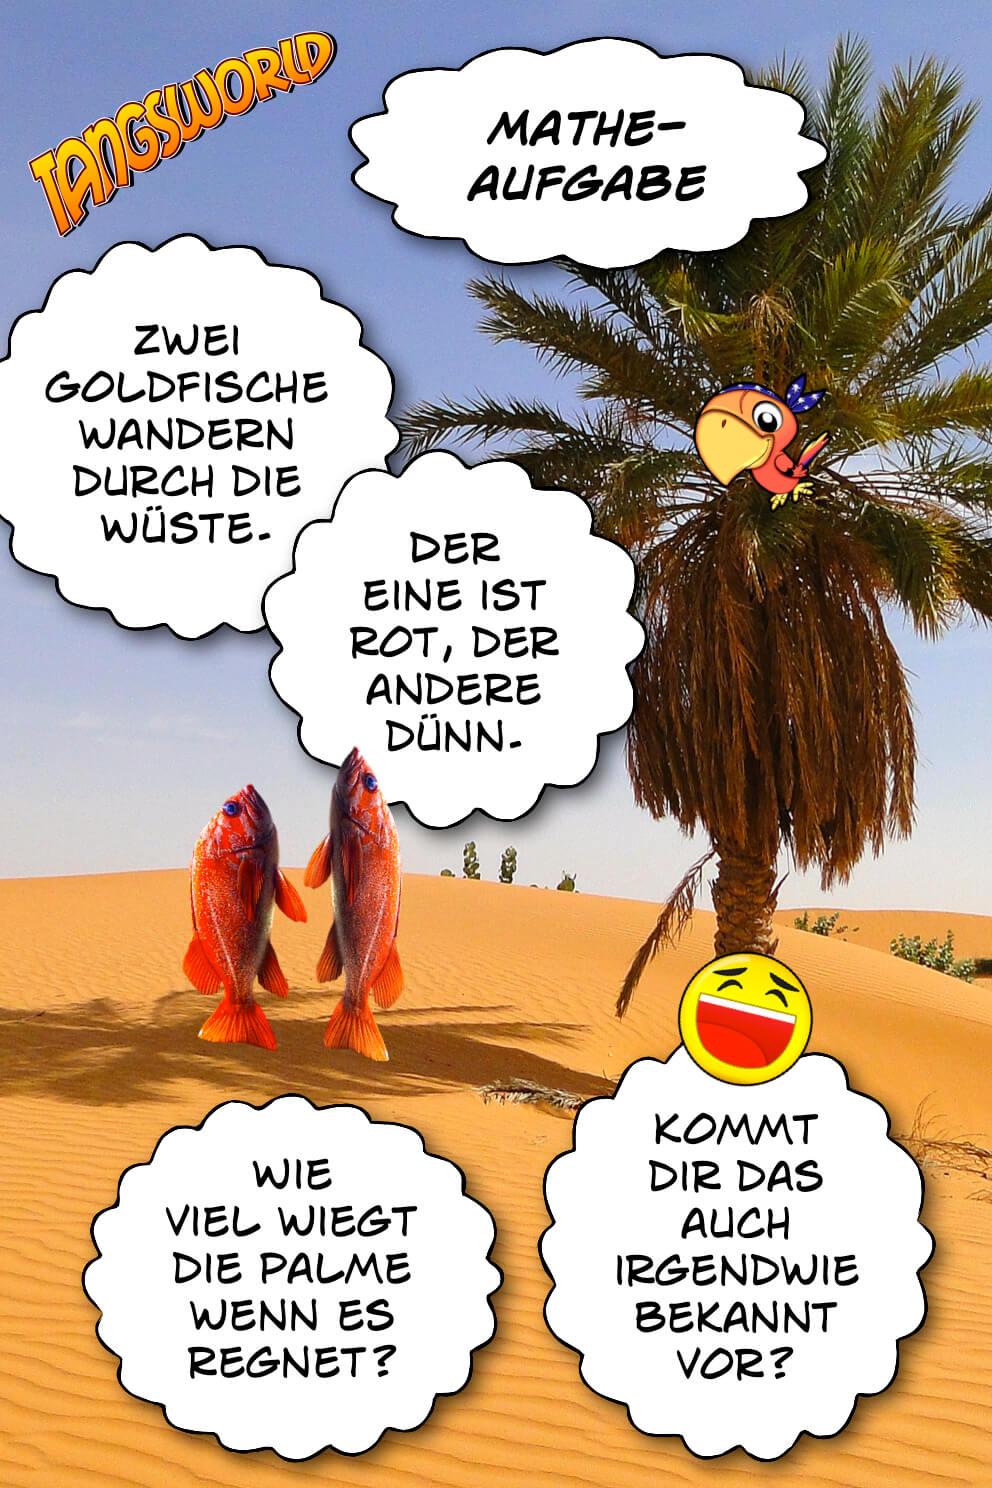 Zwei Goldfische wandern durch die Wüste. Der eine ist rot, der andere dünn. Wie viel wiegt die Palme wenn es regnet? Kommt dir das auch irgendwie bekannt vor? - Geistes(bl)witze